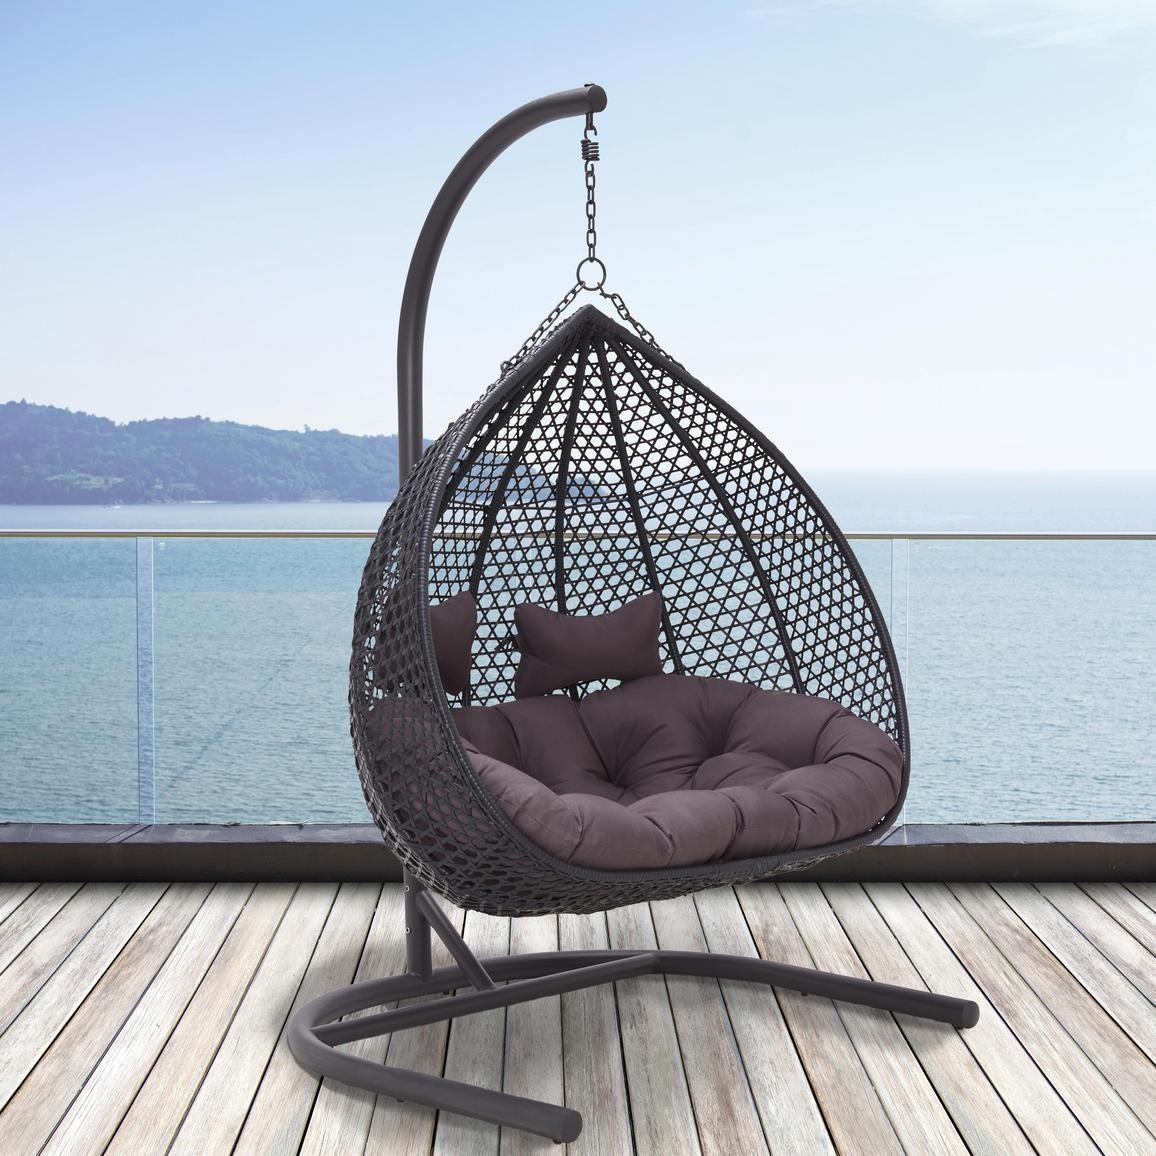 Hangesessel Bari Online Kaufen Momax In 2020 Sessel Bari Hangesessel Garten